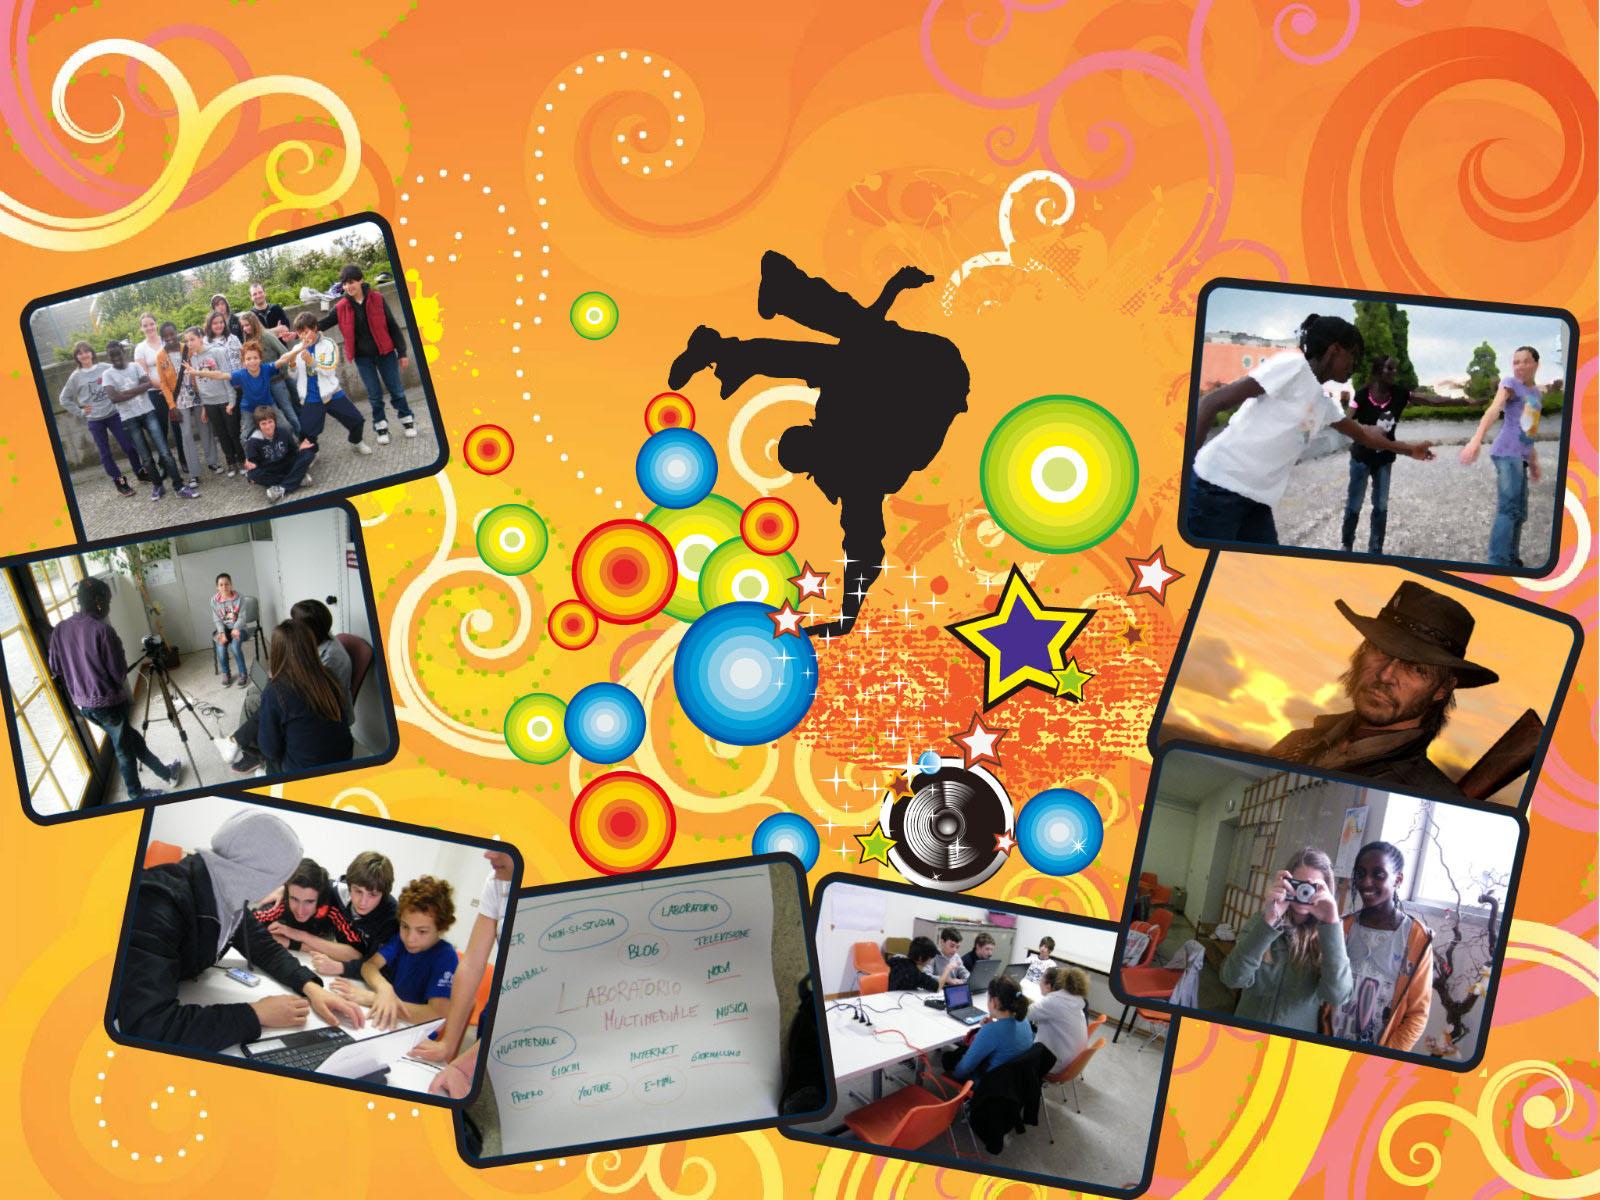 http://4.bp.blogspot.com/-UiNnxDXnHq8/TeYA9To7CHI/AAAAAAAAAKk/5NZI7Gksj3M/s1600/25C0E679-B342-D2FA-5240-108973A7A660wallpaper.jpg